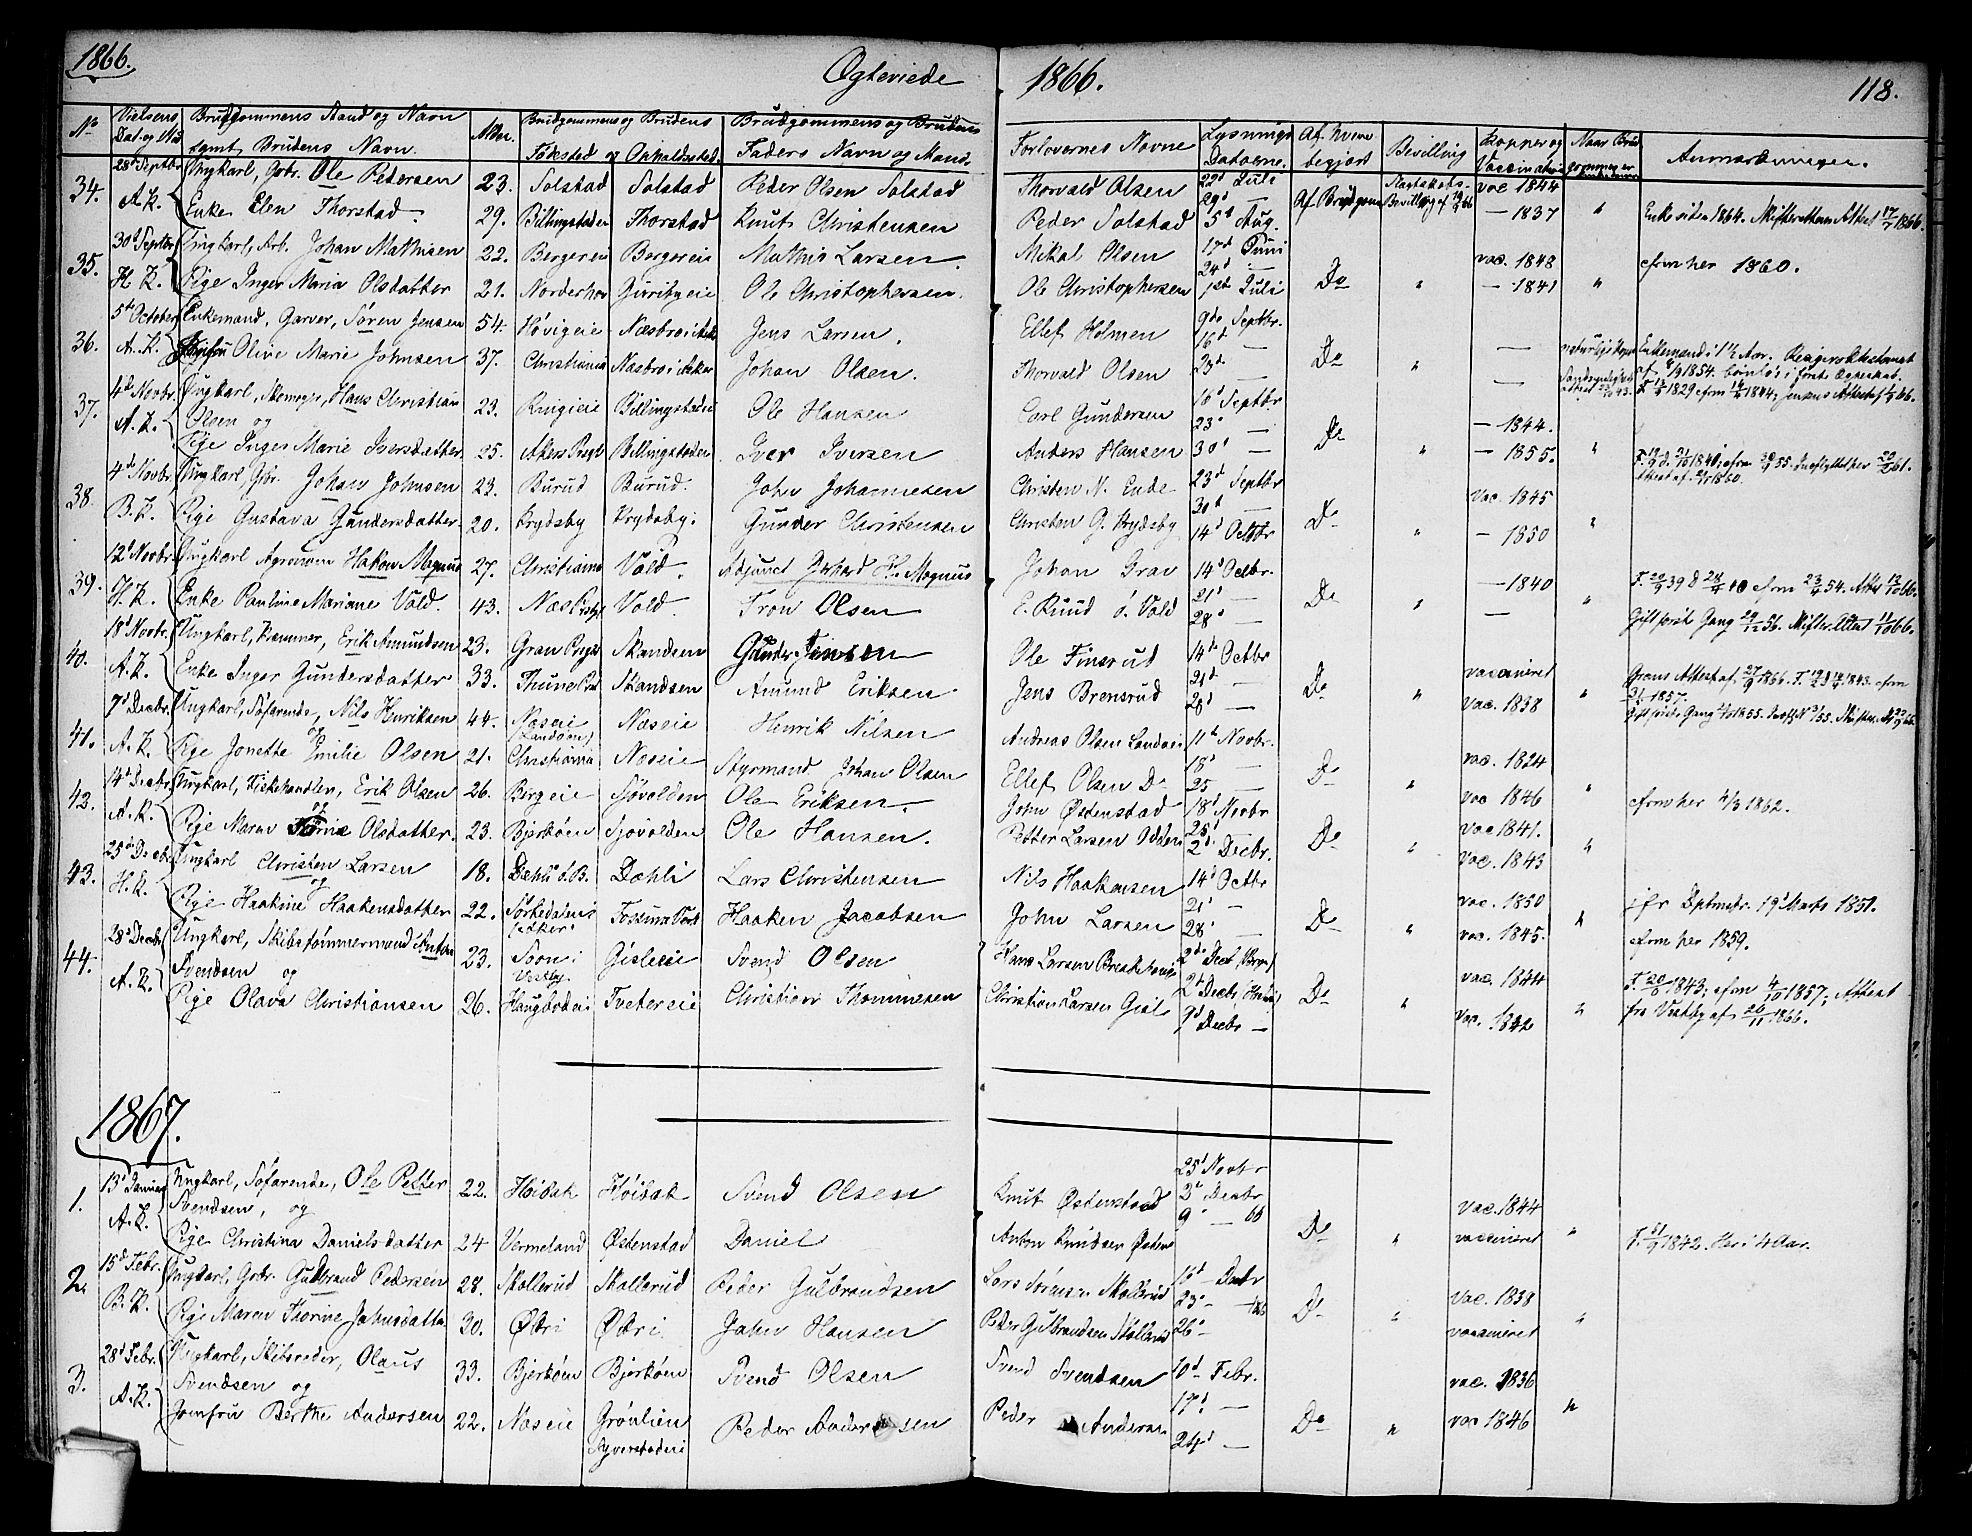 SAO, Asker prestekontor Kirkebøker, F/Fa/L0010: Ministerialbok nr. I 10, 1825-1878, s. 118